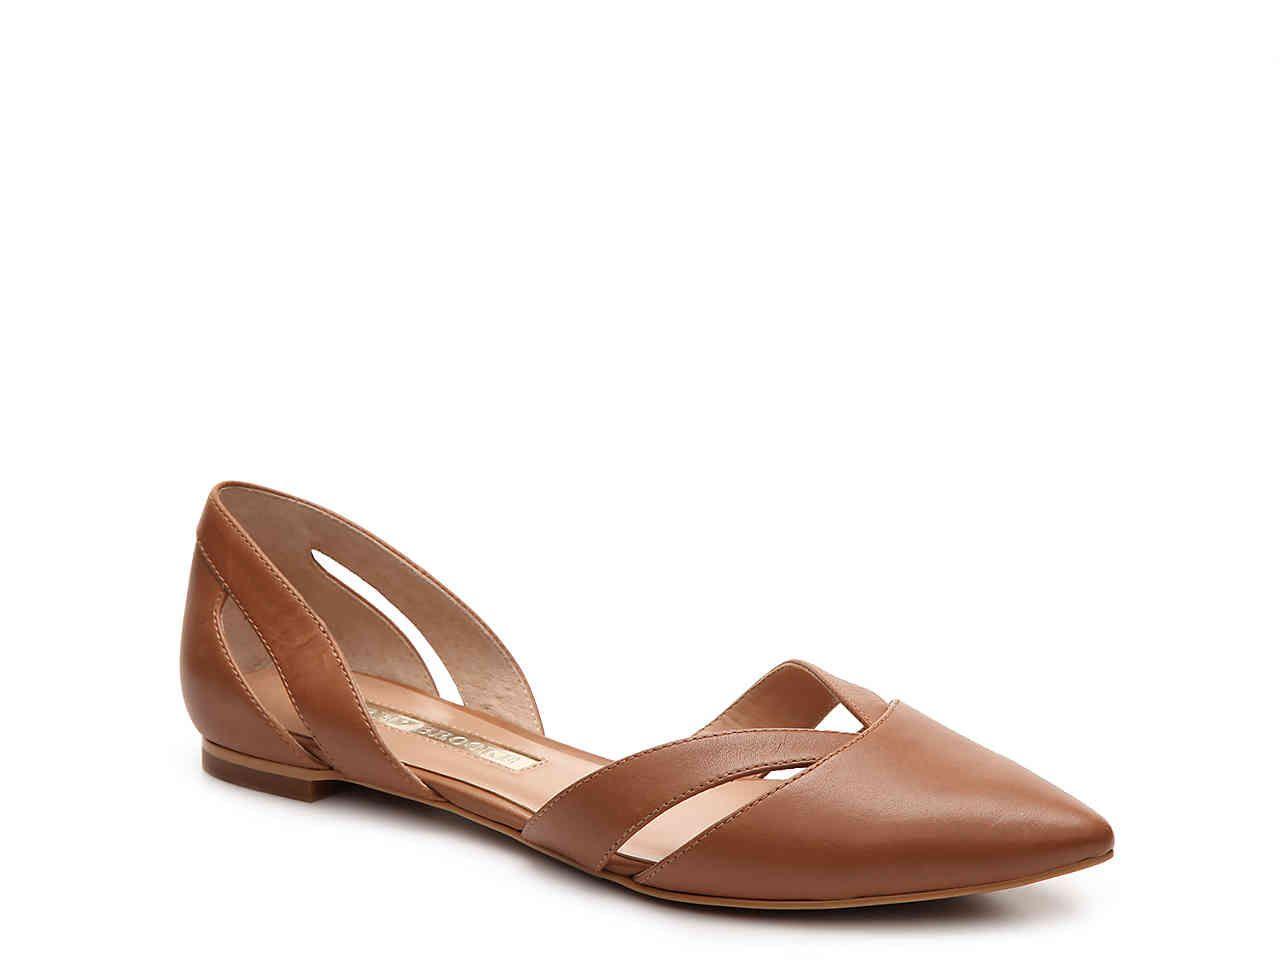 Nary Flat | Shoes, Cognac flats, Flats